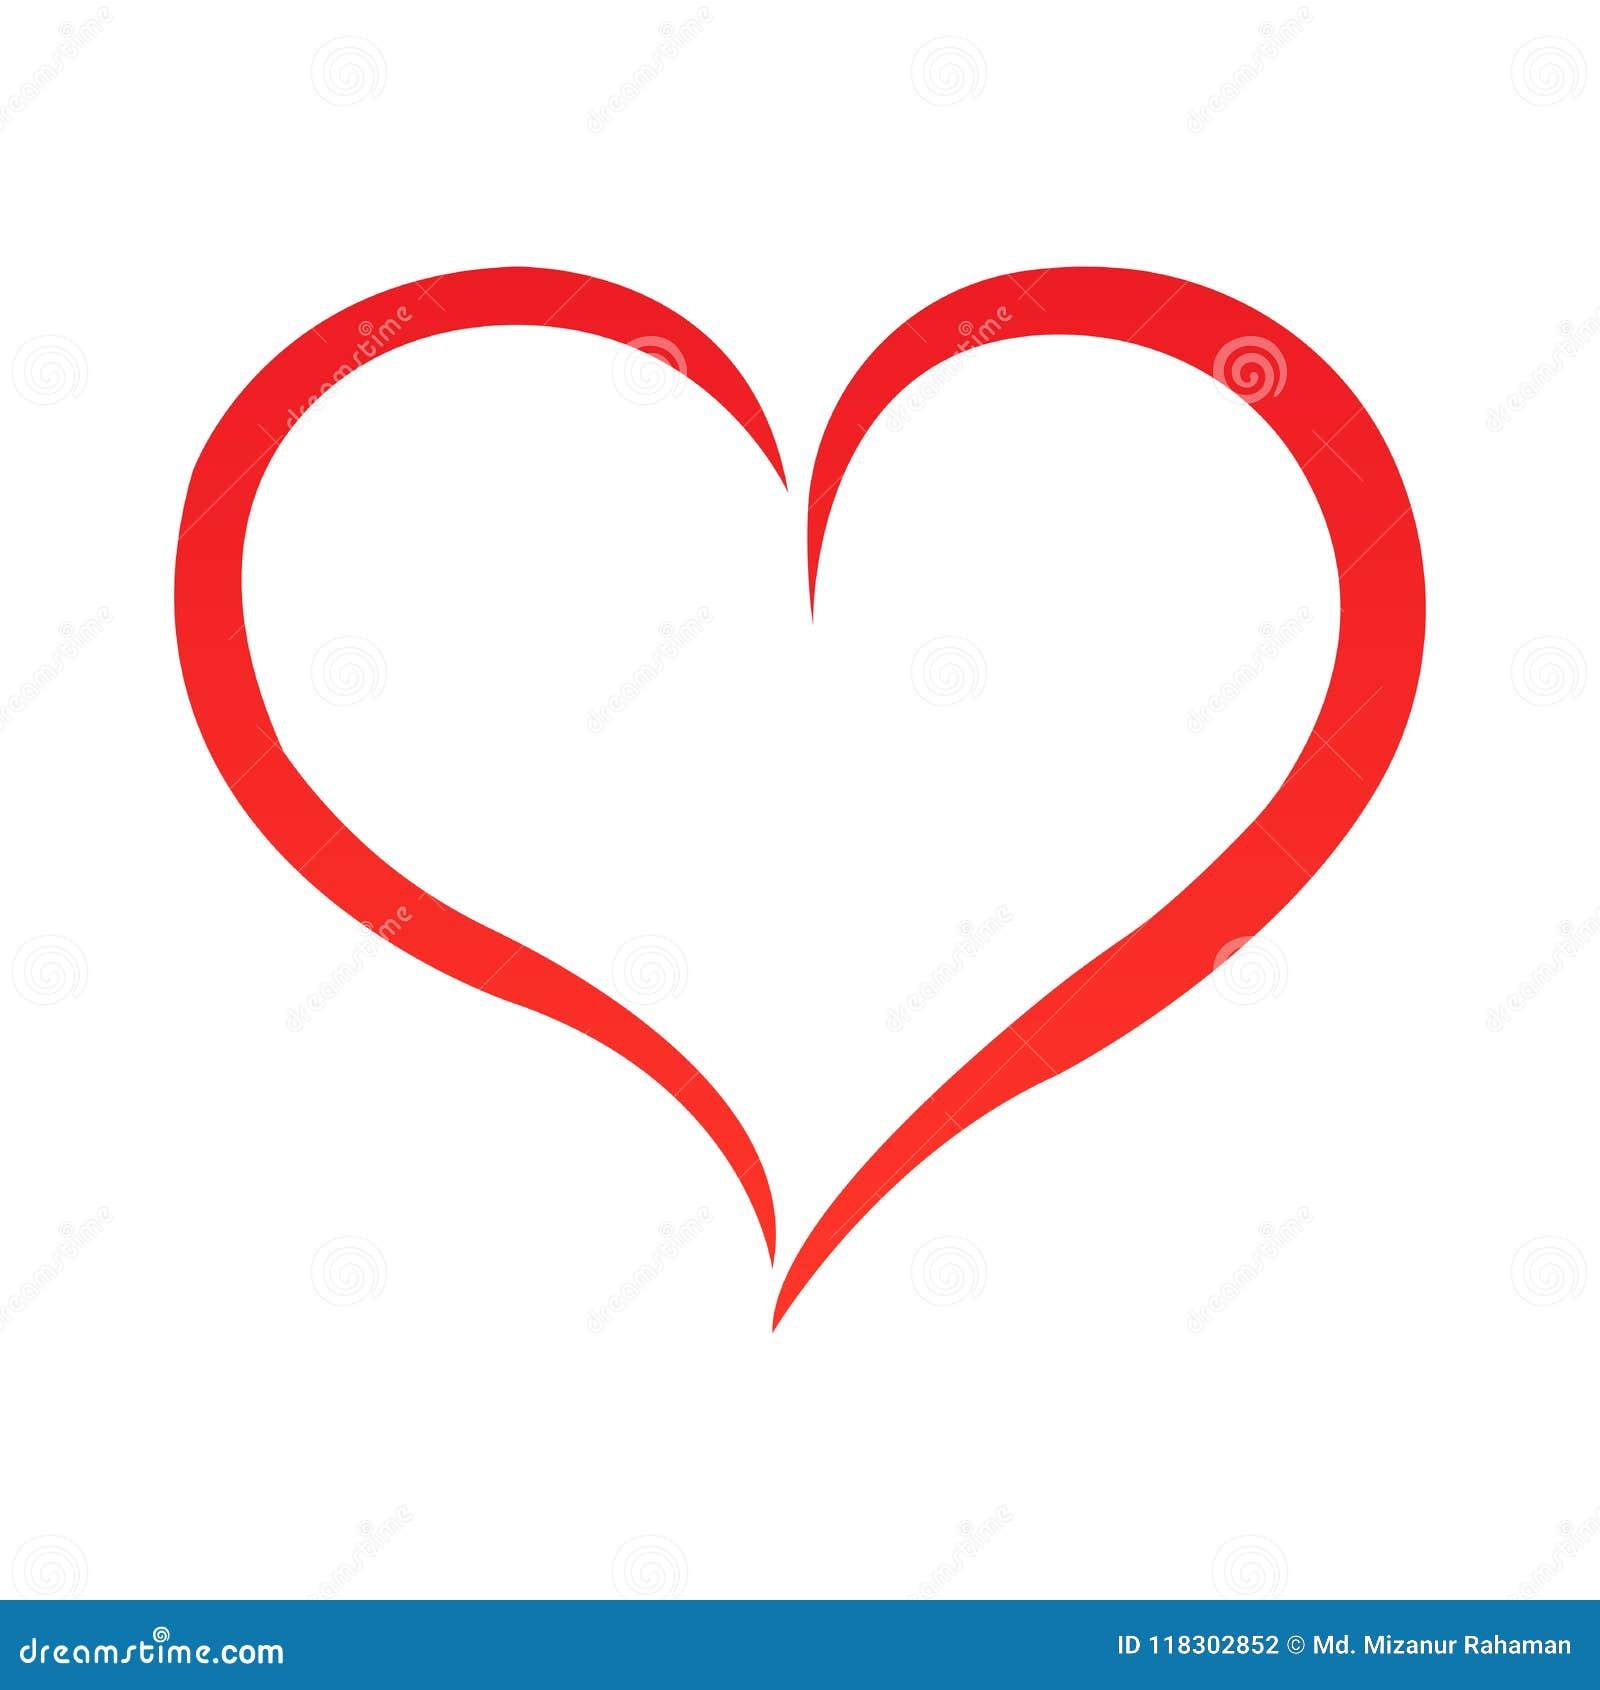 Het abstracte overzicht van de hartvorm Vector illustratie Rood hartpictogram in vlakke stijl Het hart als symbool van liefde